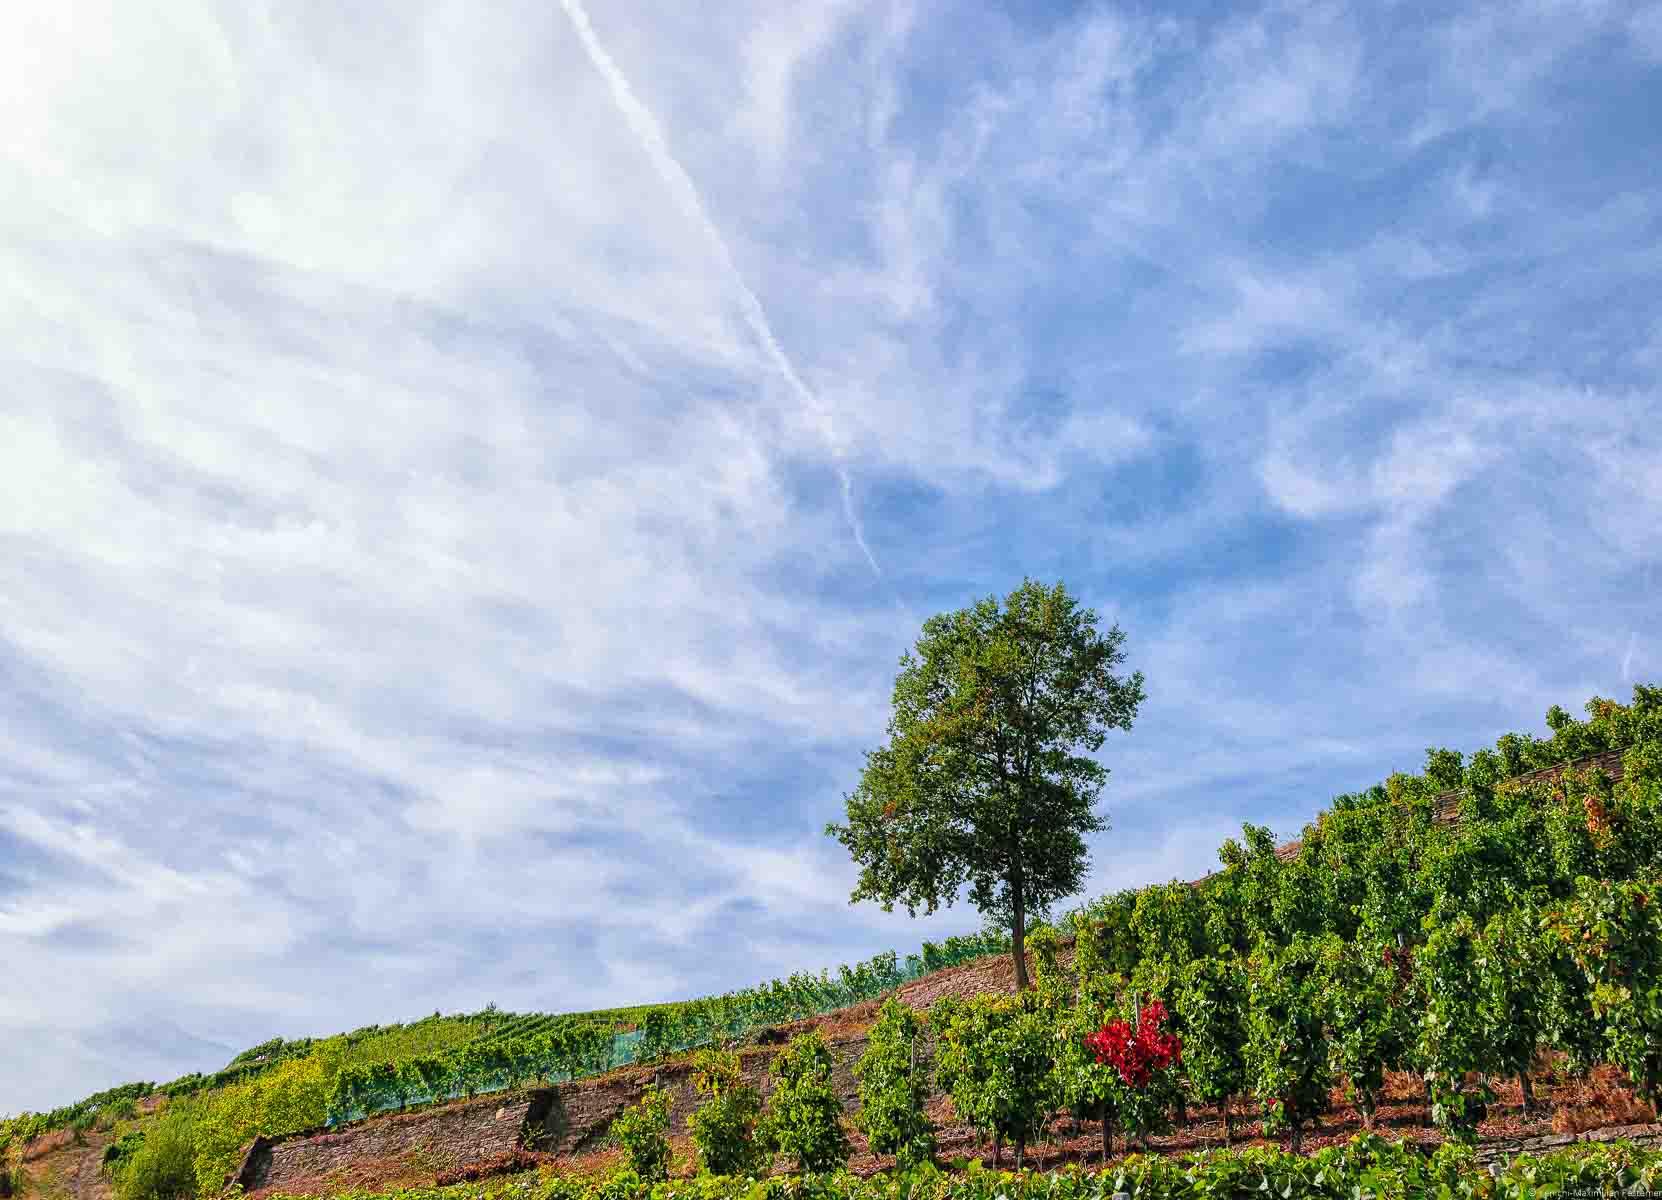 Von diesem Weinberg im Ahrtal stammen die Rotwein-Trauben für Spätburgunder